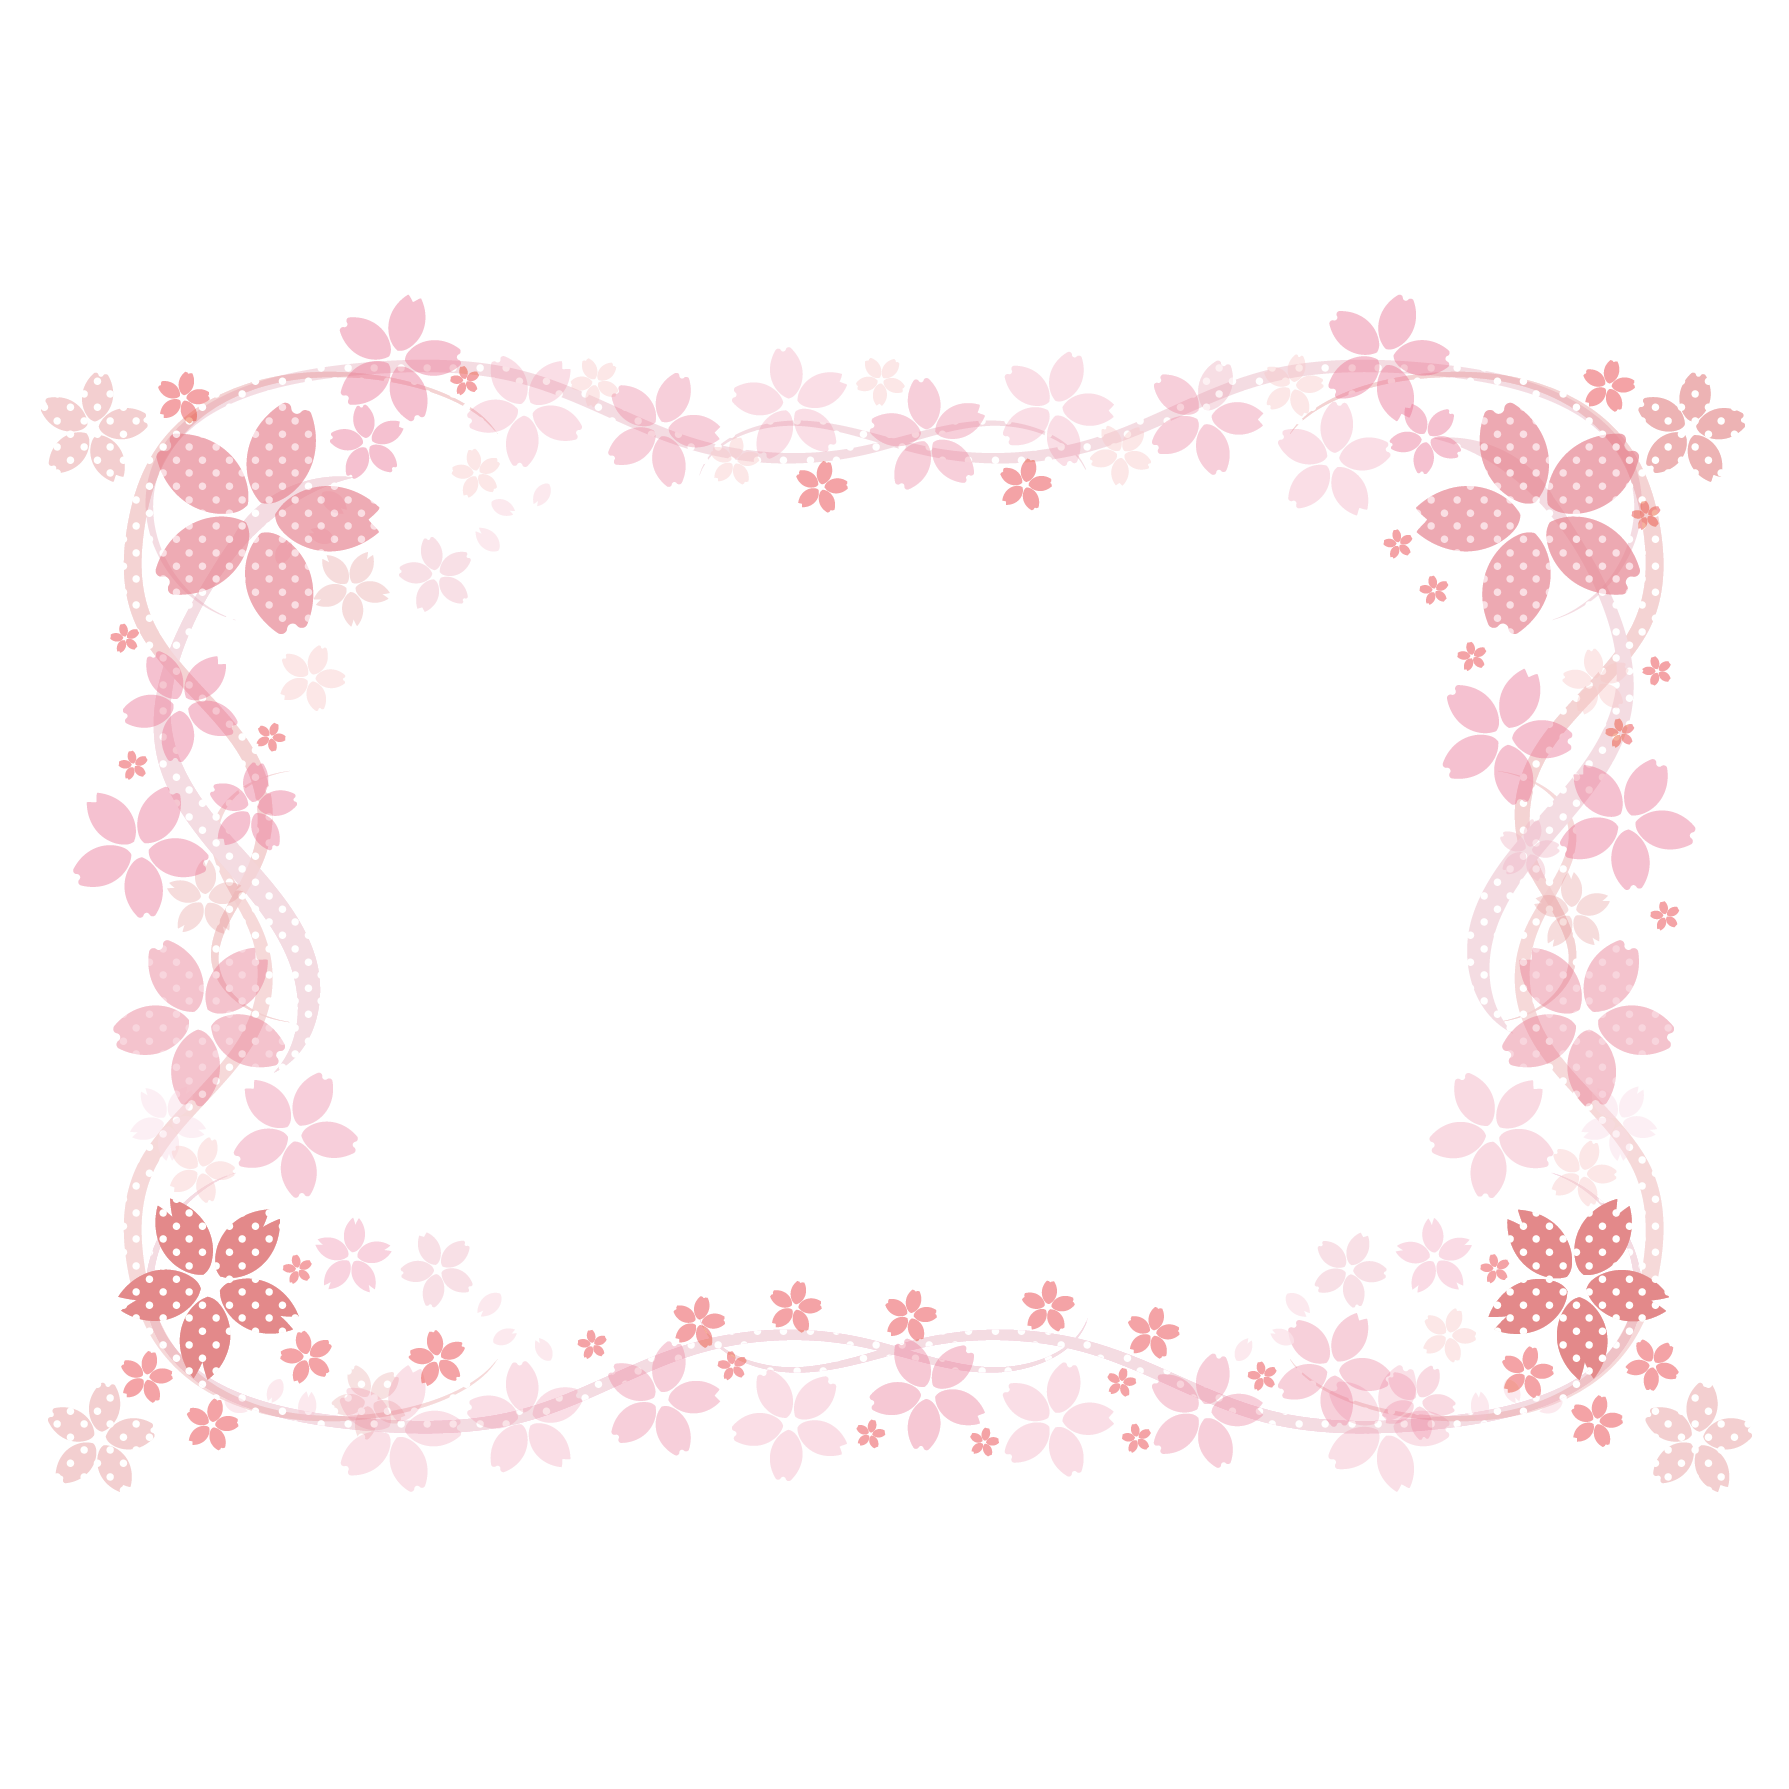 商用可 春を感じる 和風だけどかわいい 桜のフレームデザインの無料